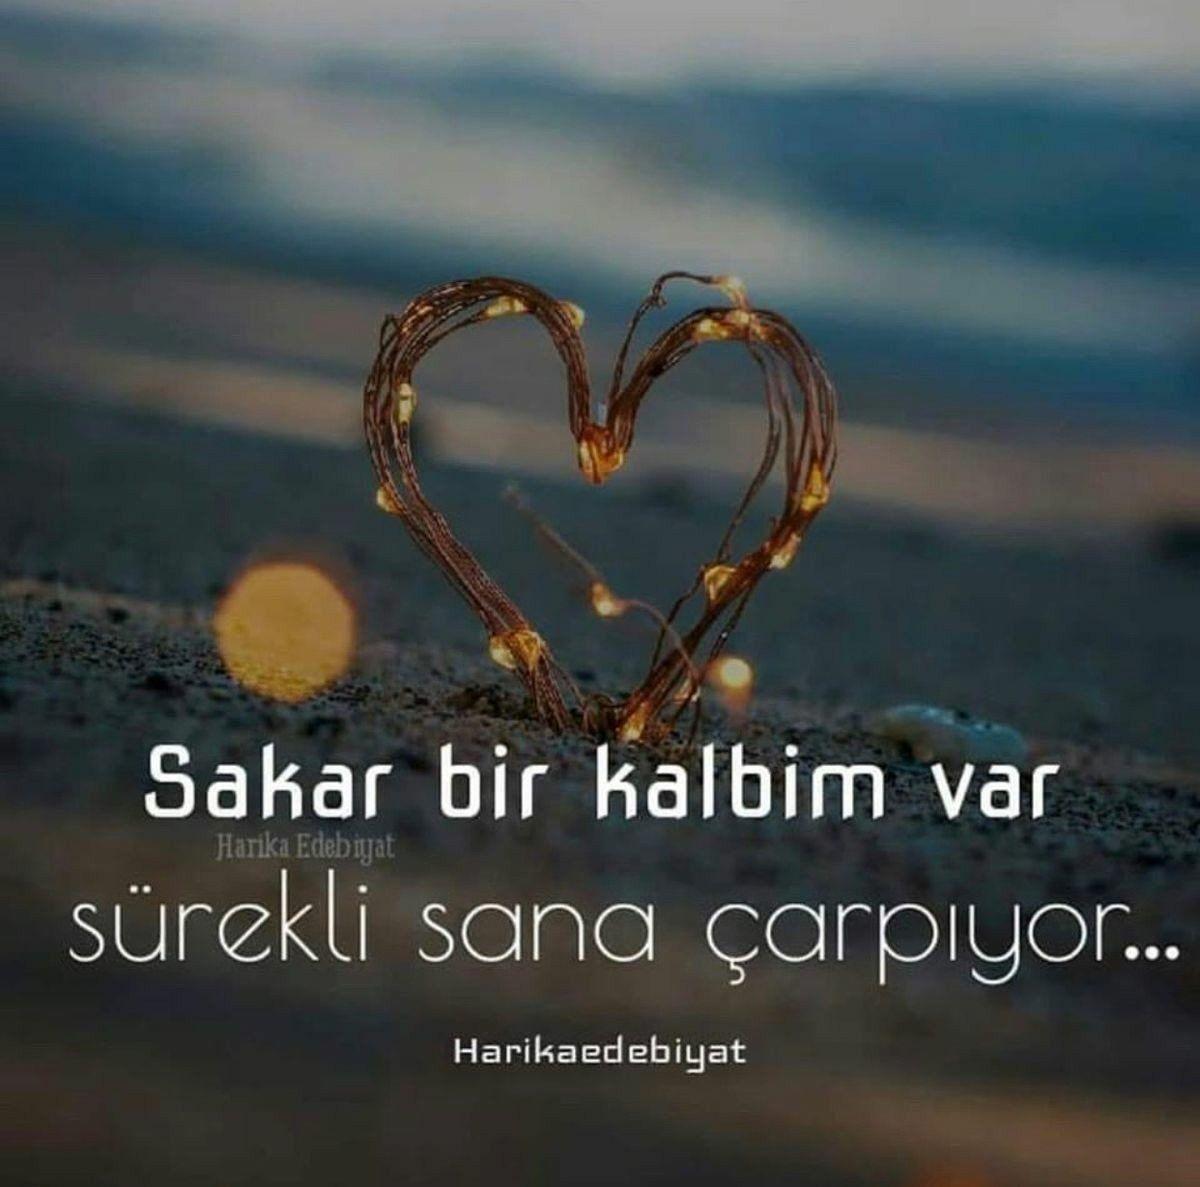 En Guzel Kiz Tavlama Sozleri Letting Go Of Love Quotes Love Quotes For Wife Love Quotes